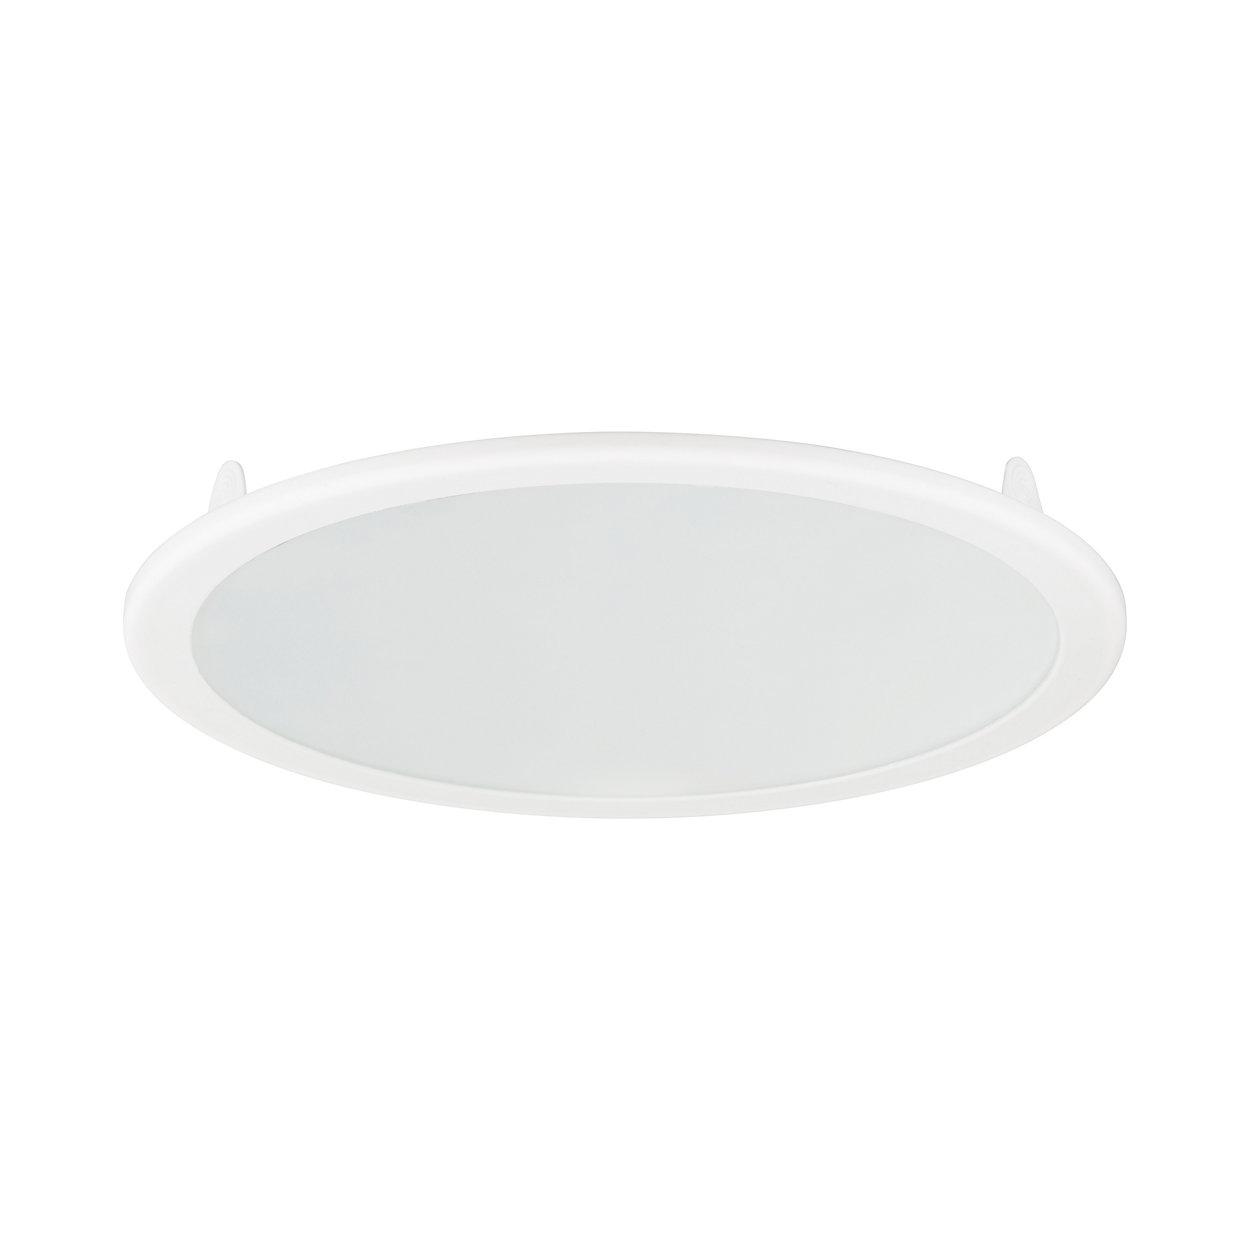 LuxSpace Anbauleuchte - hohe Effizienz, hoher Komfort und elegantes Design